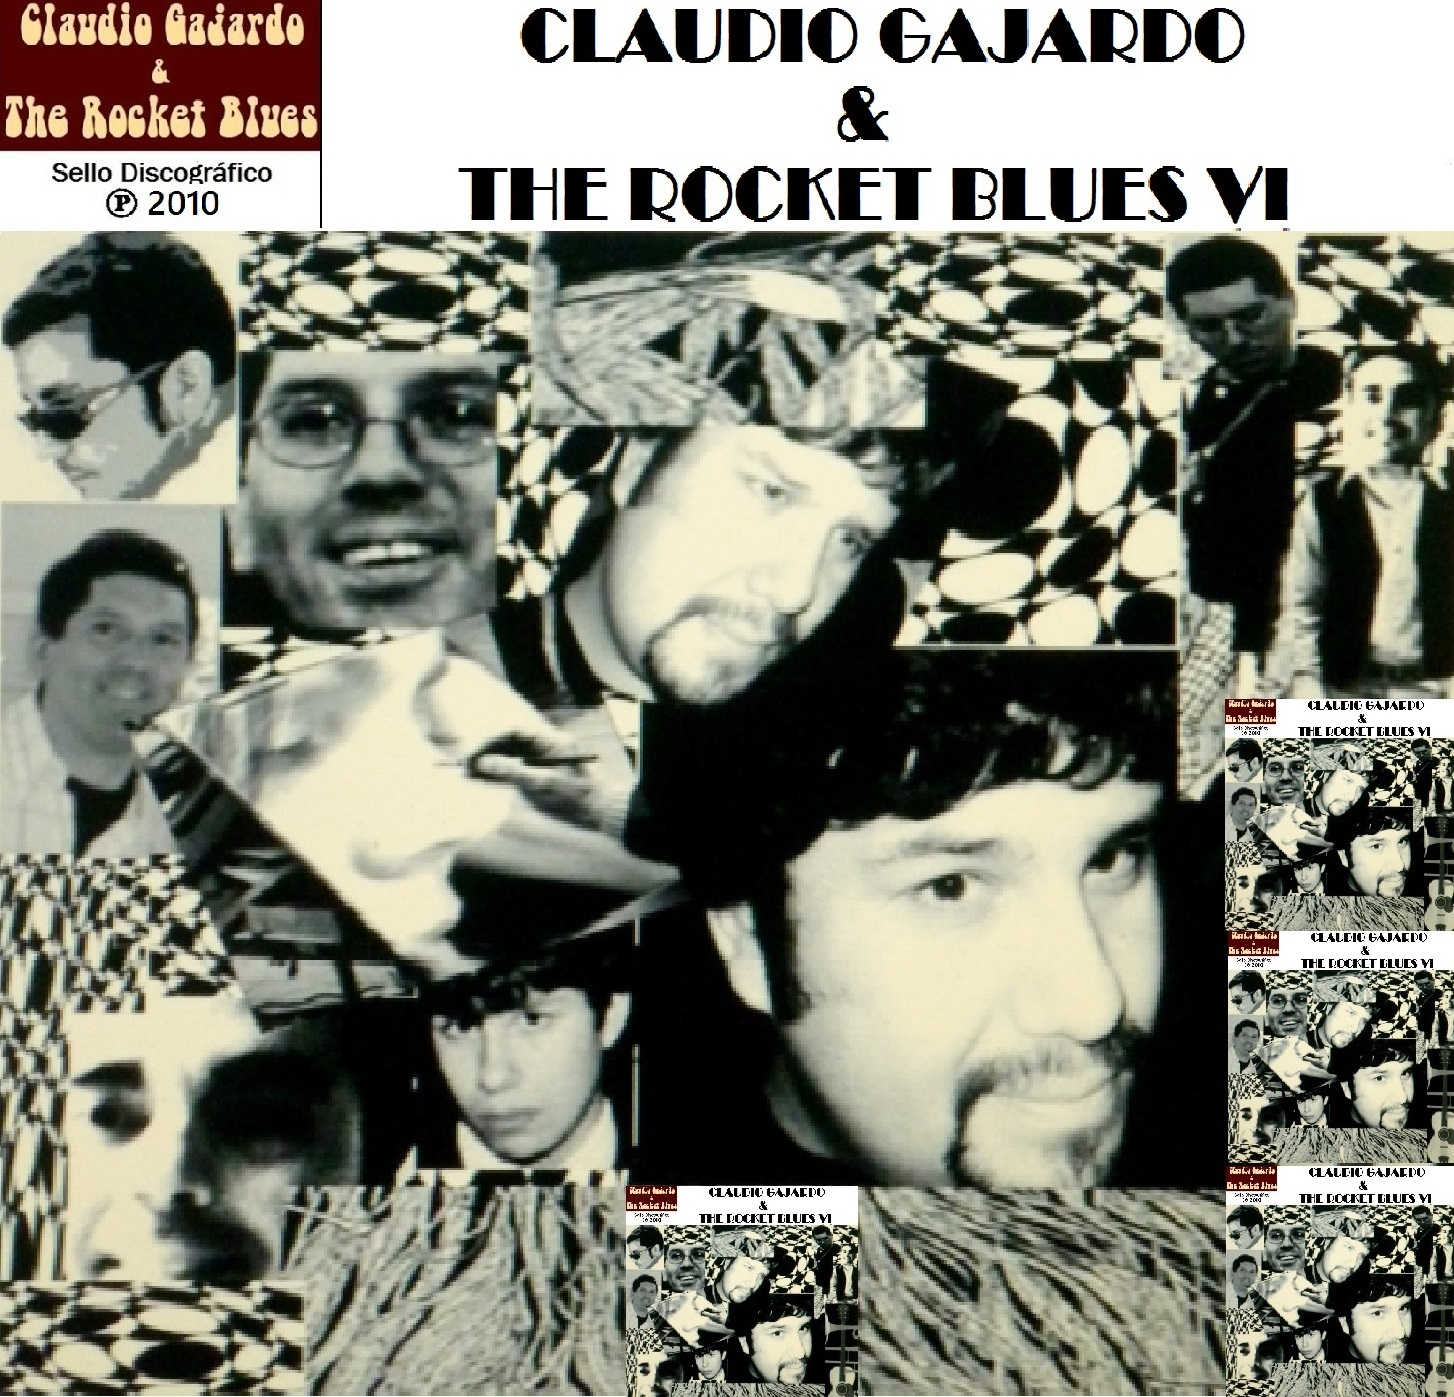 Carátula_de_Claudio_Gajardo_&_The_Rocket_Blues_VI_(2010)1